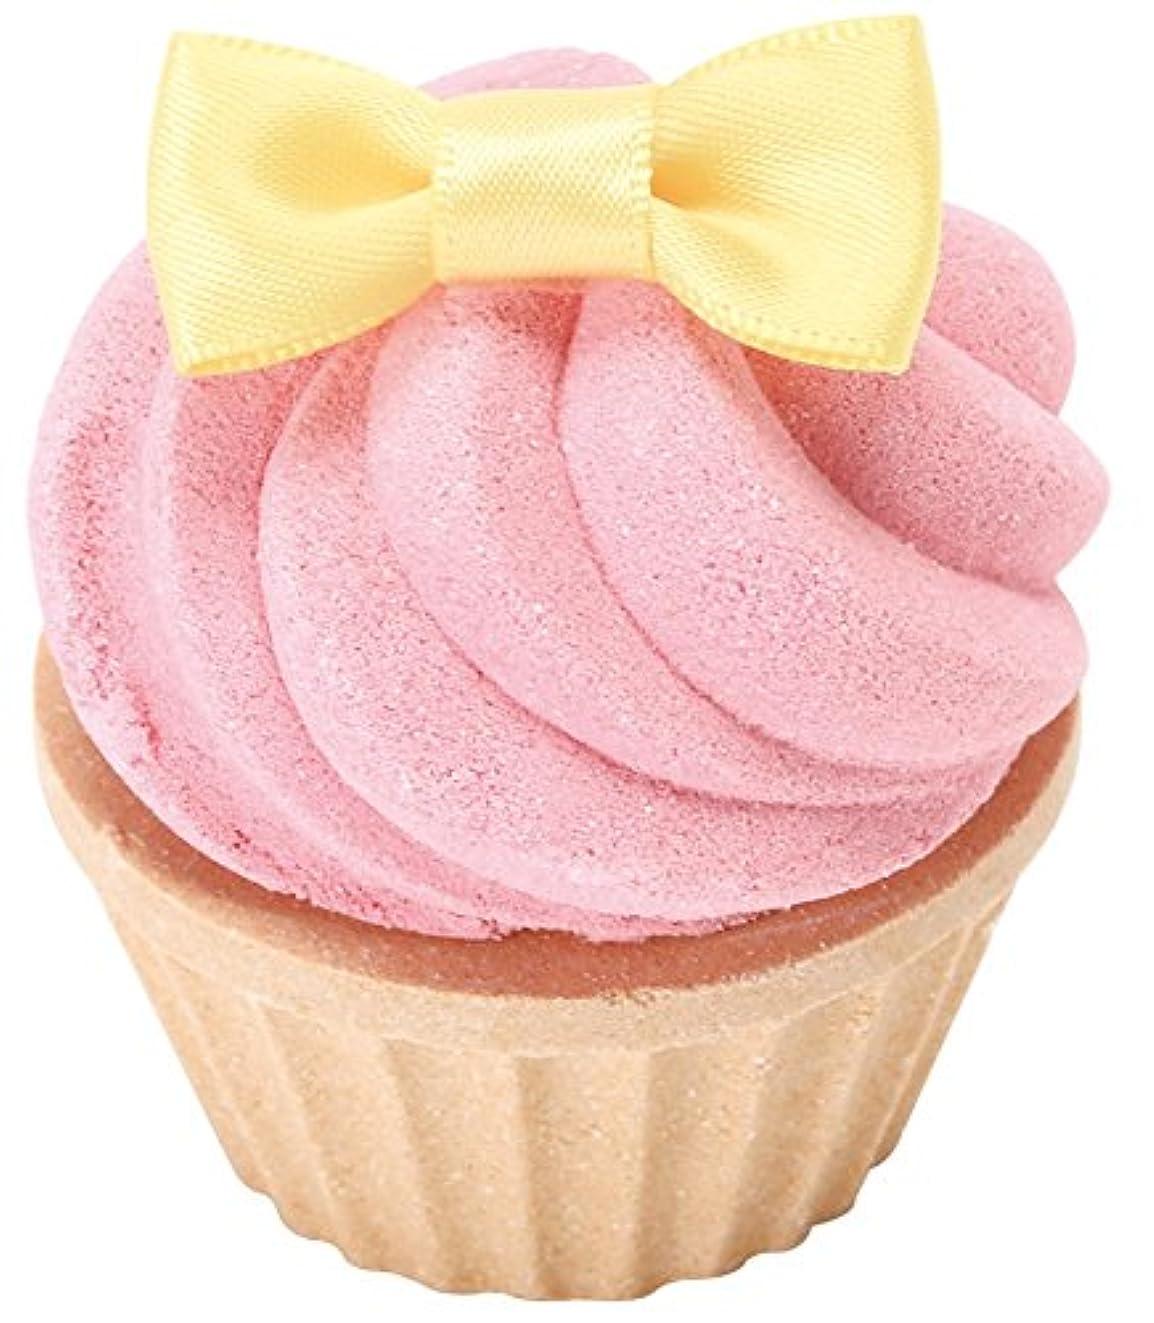 初期ソフィー落ち込んでいるノルコーポレーション お風呂用 芳香剤 おめかしカップケーキフィズ 60g ラズベリーの香り OB-SMM-14-1